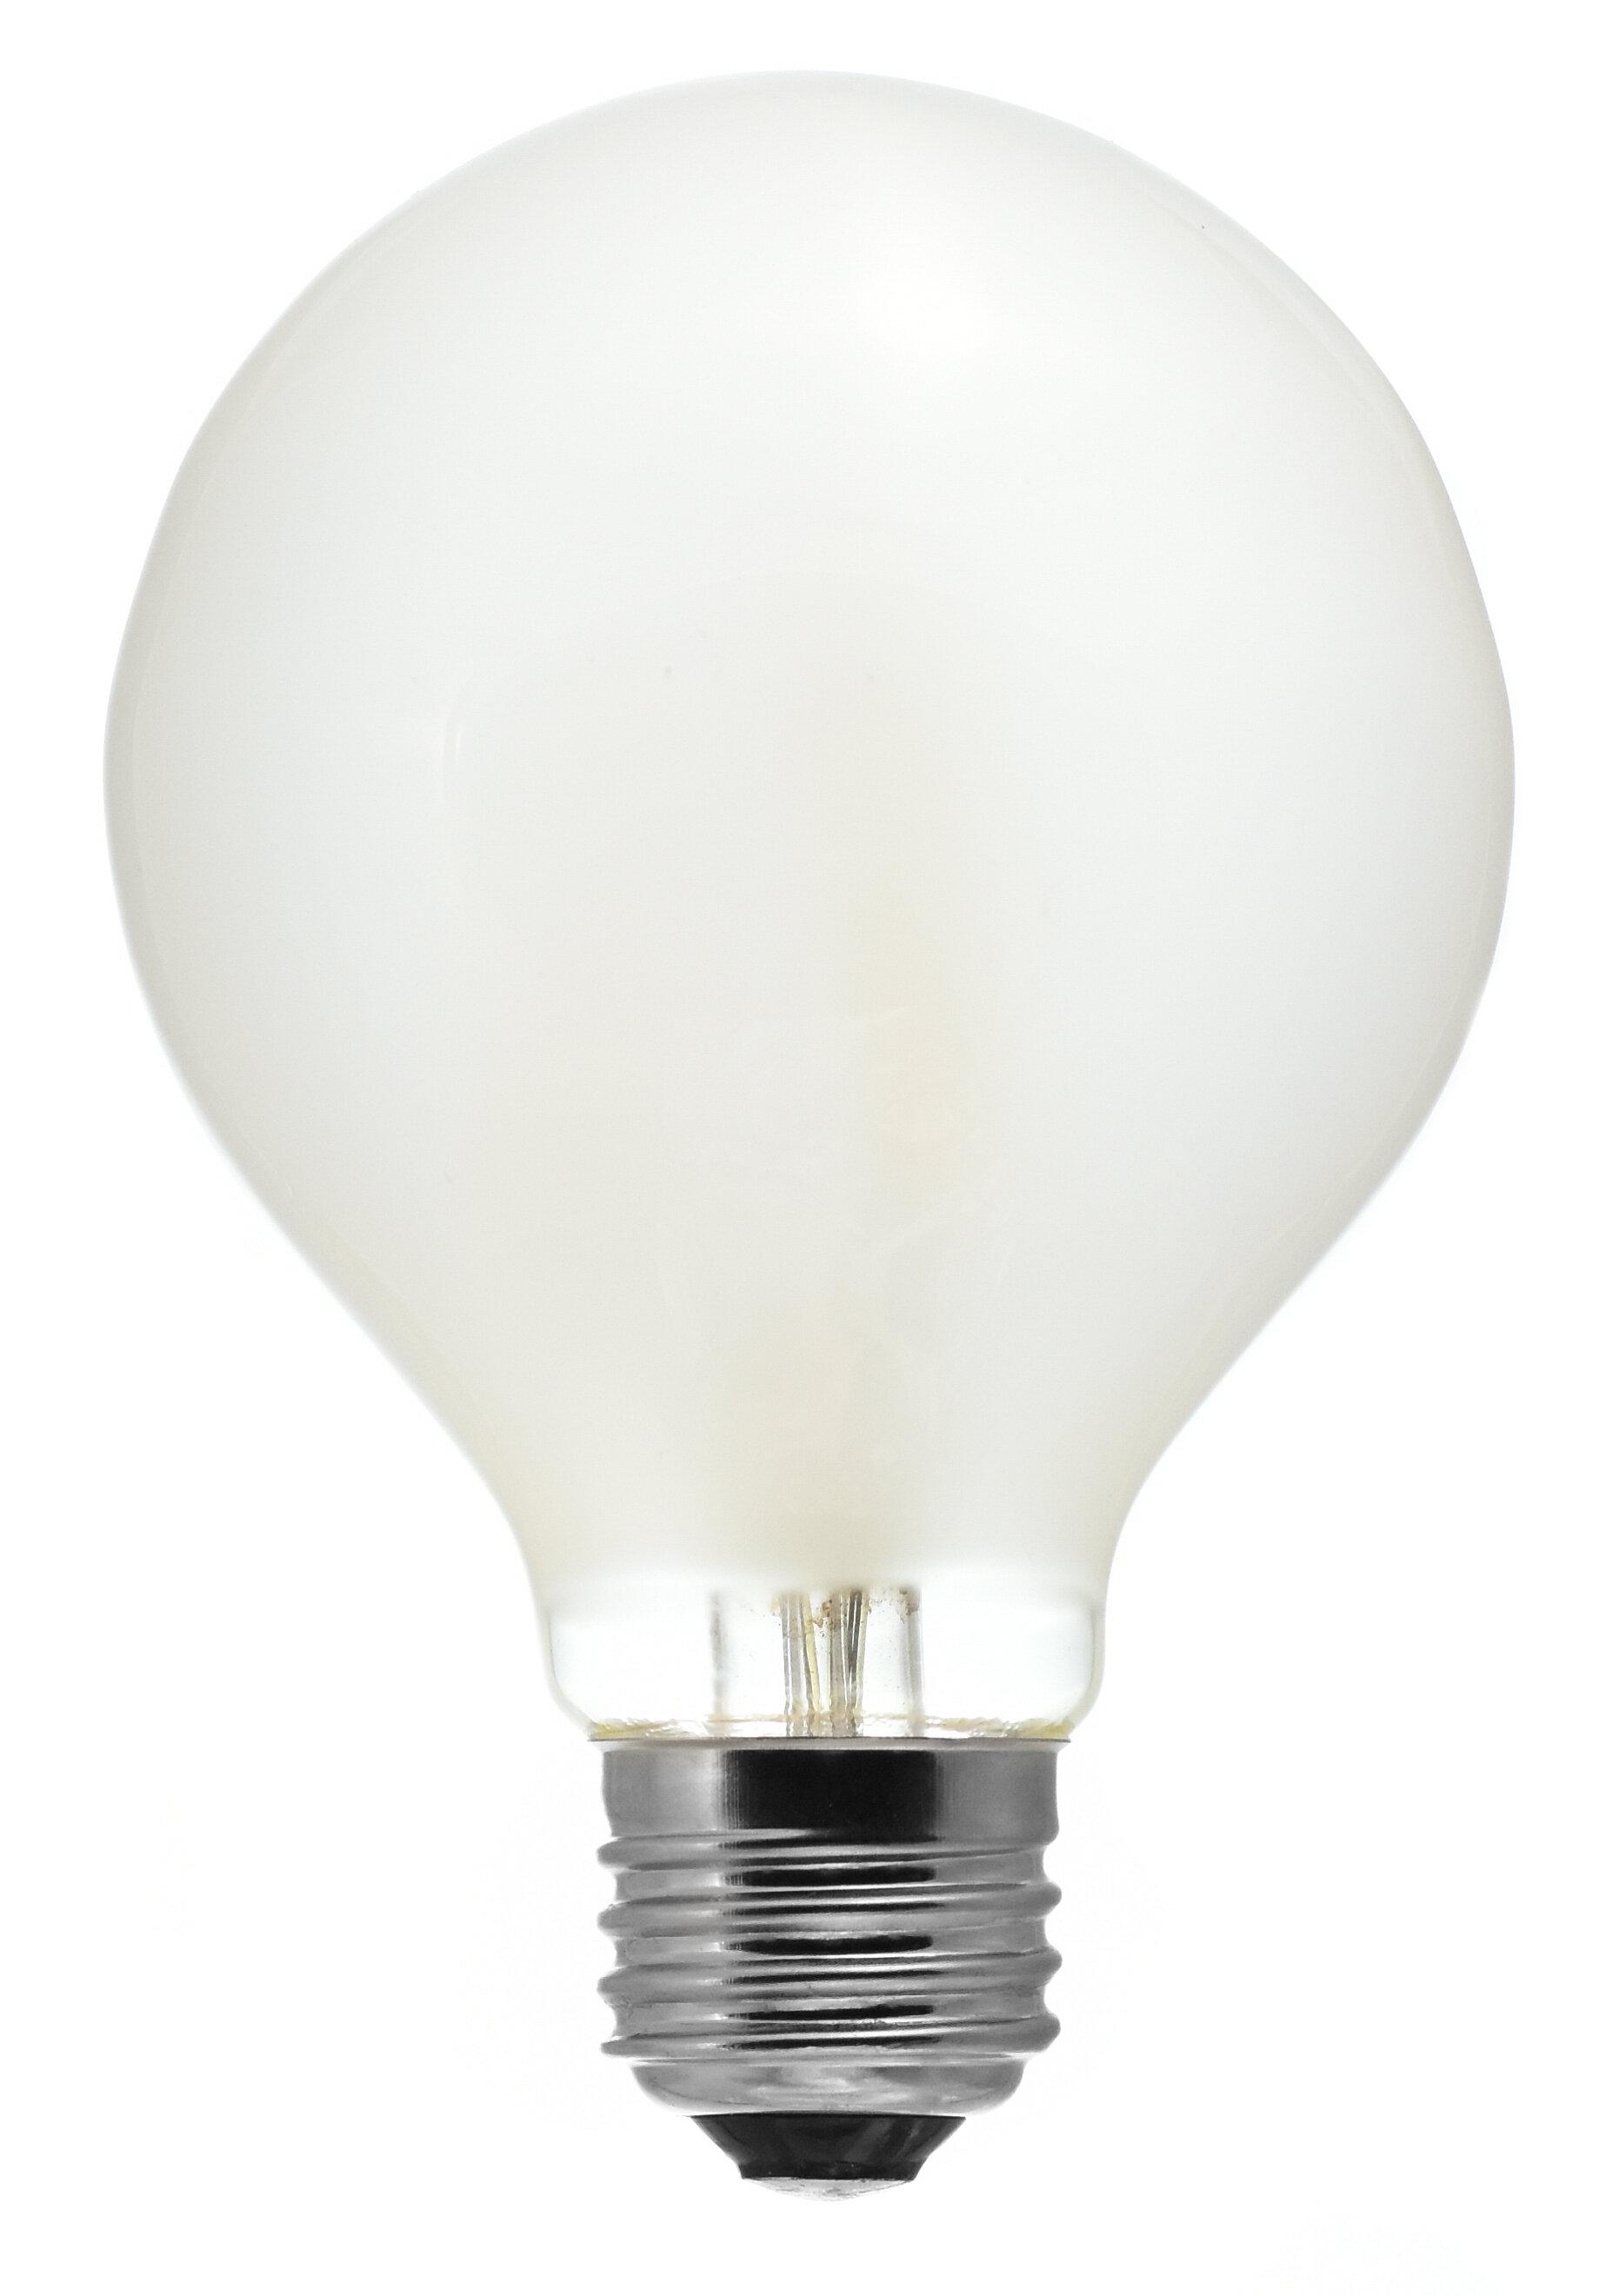 Tamarac 4w E26 Dimmable Led Edison